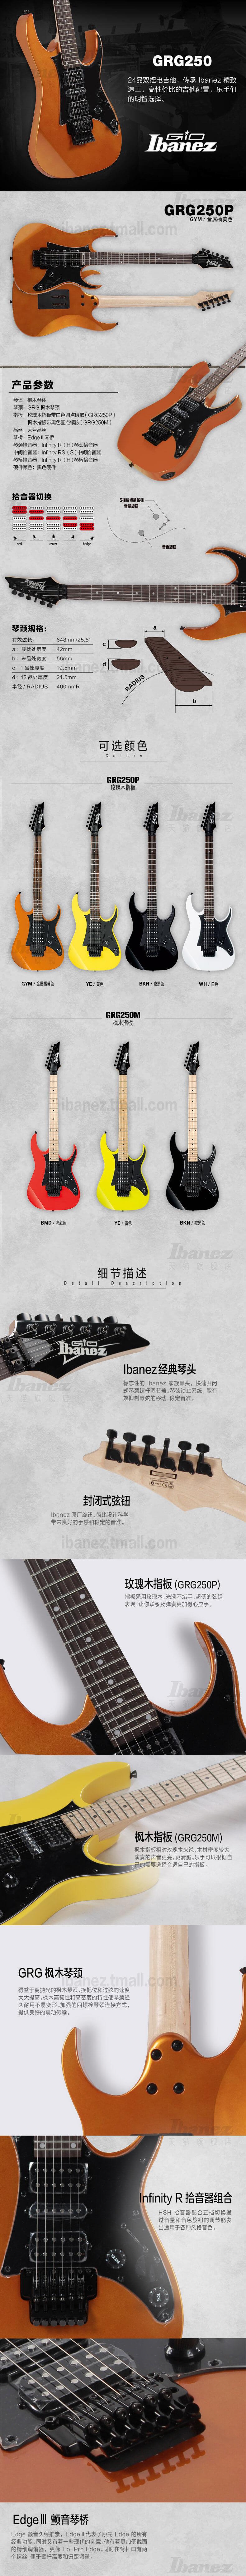 Ibanez官方旗舰店 爱宾斯 依班娜GRG250PGRG250M电吉他多色 06